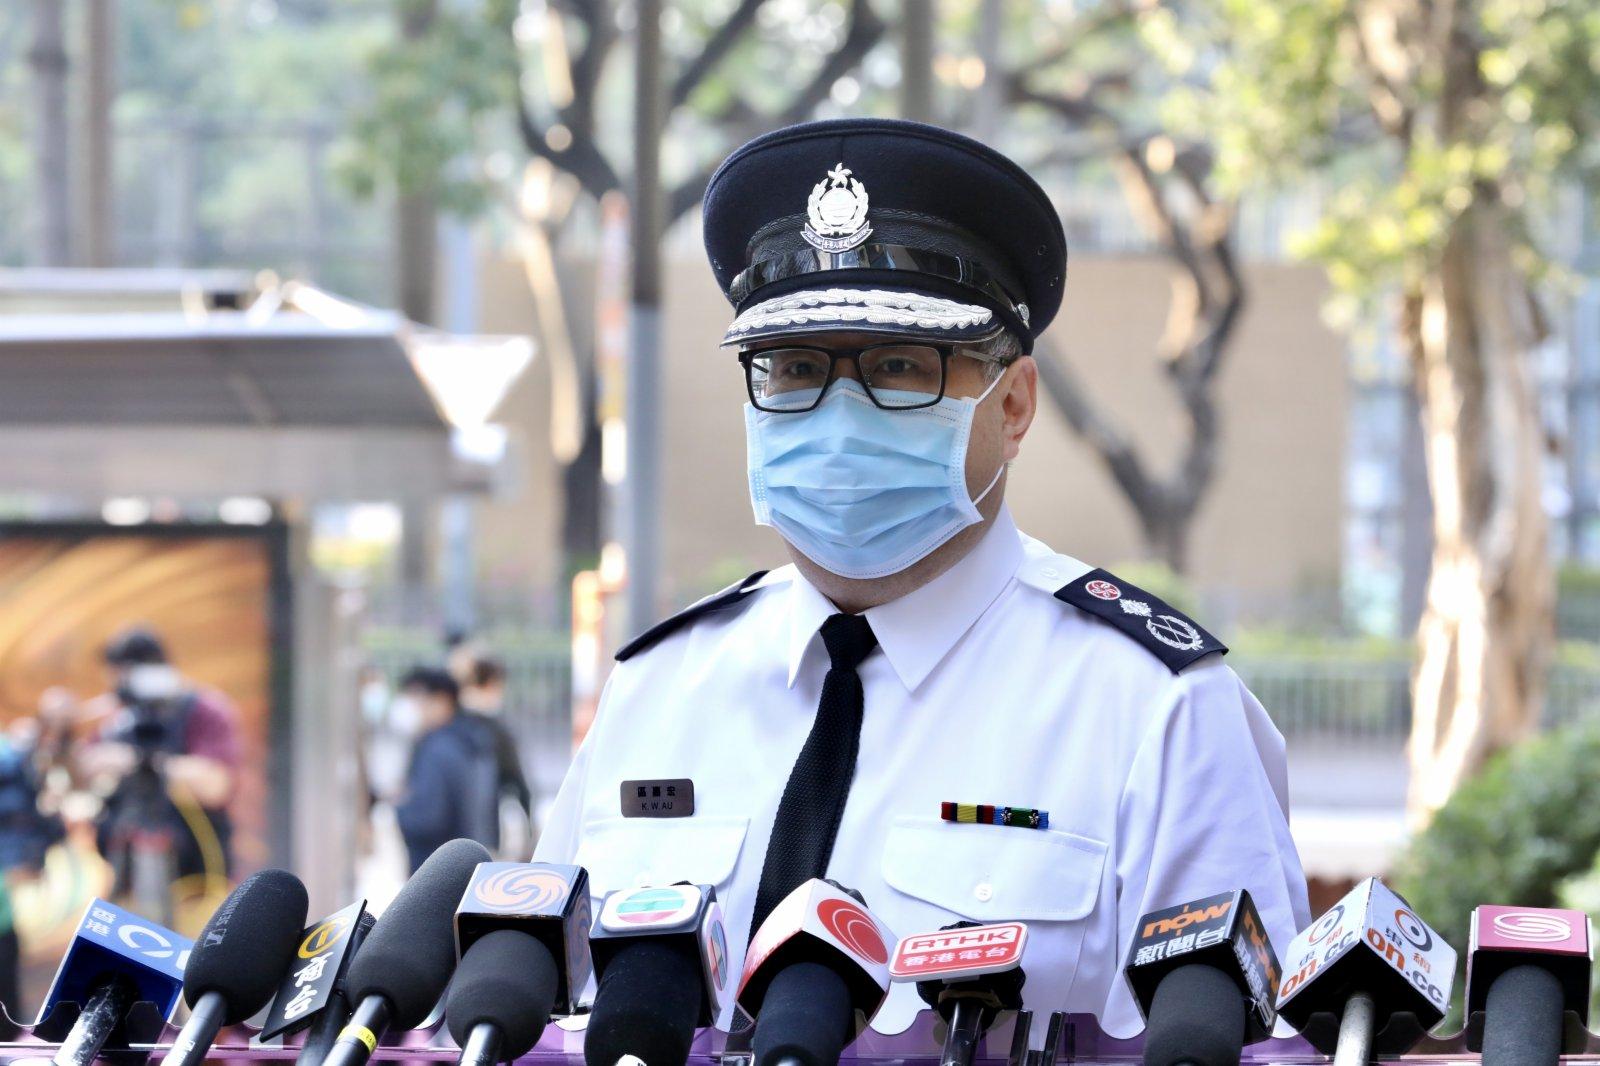 入境事務處處長區嘉宏表示,前線同事經常需要接觸不同市民,紀律部隊接種疫苗能夠保障成員和市民,亦可以起到鼓勵作用,呼籲市民積極接種疫苗。他強調,疫苗是香港社會復甦的一劑「強心針」,如今全世界疫苗供應緊張,港府能在這樣的情況下提供安全有效的疫苗給市民接種,十分得來不易。大公文匯全媒體記者李斯哲 攝